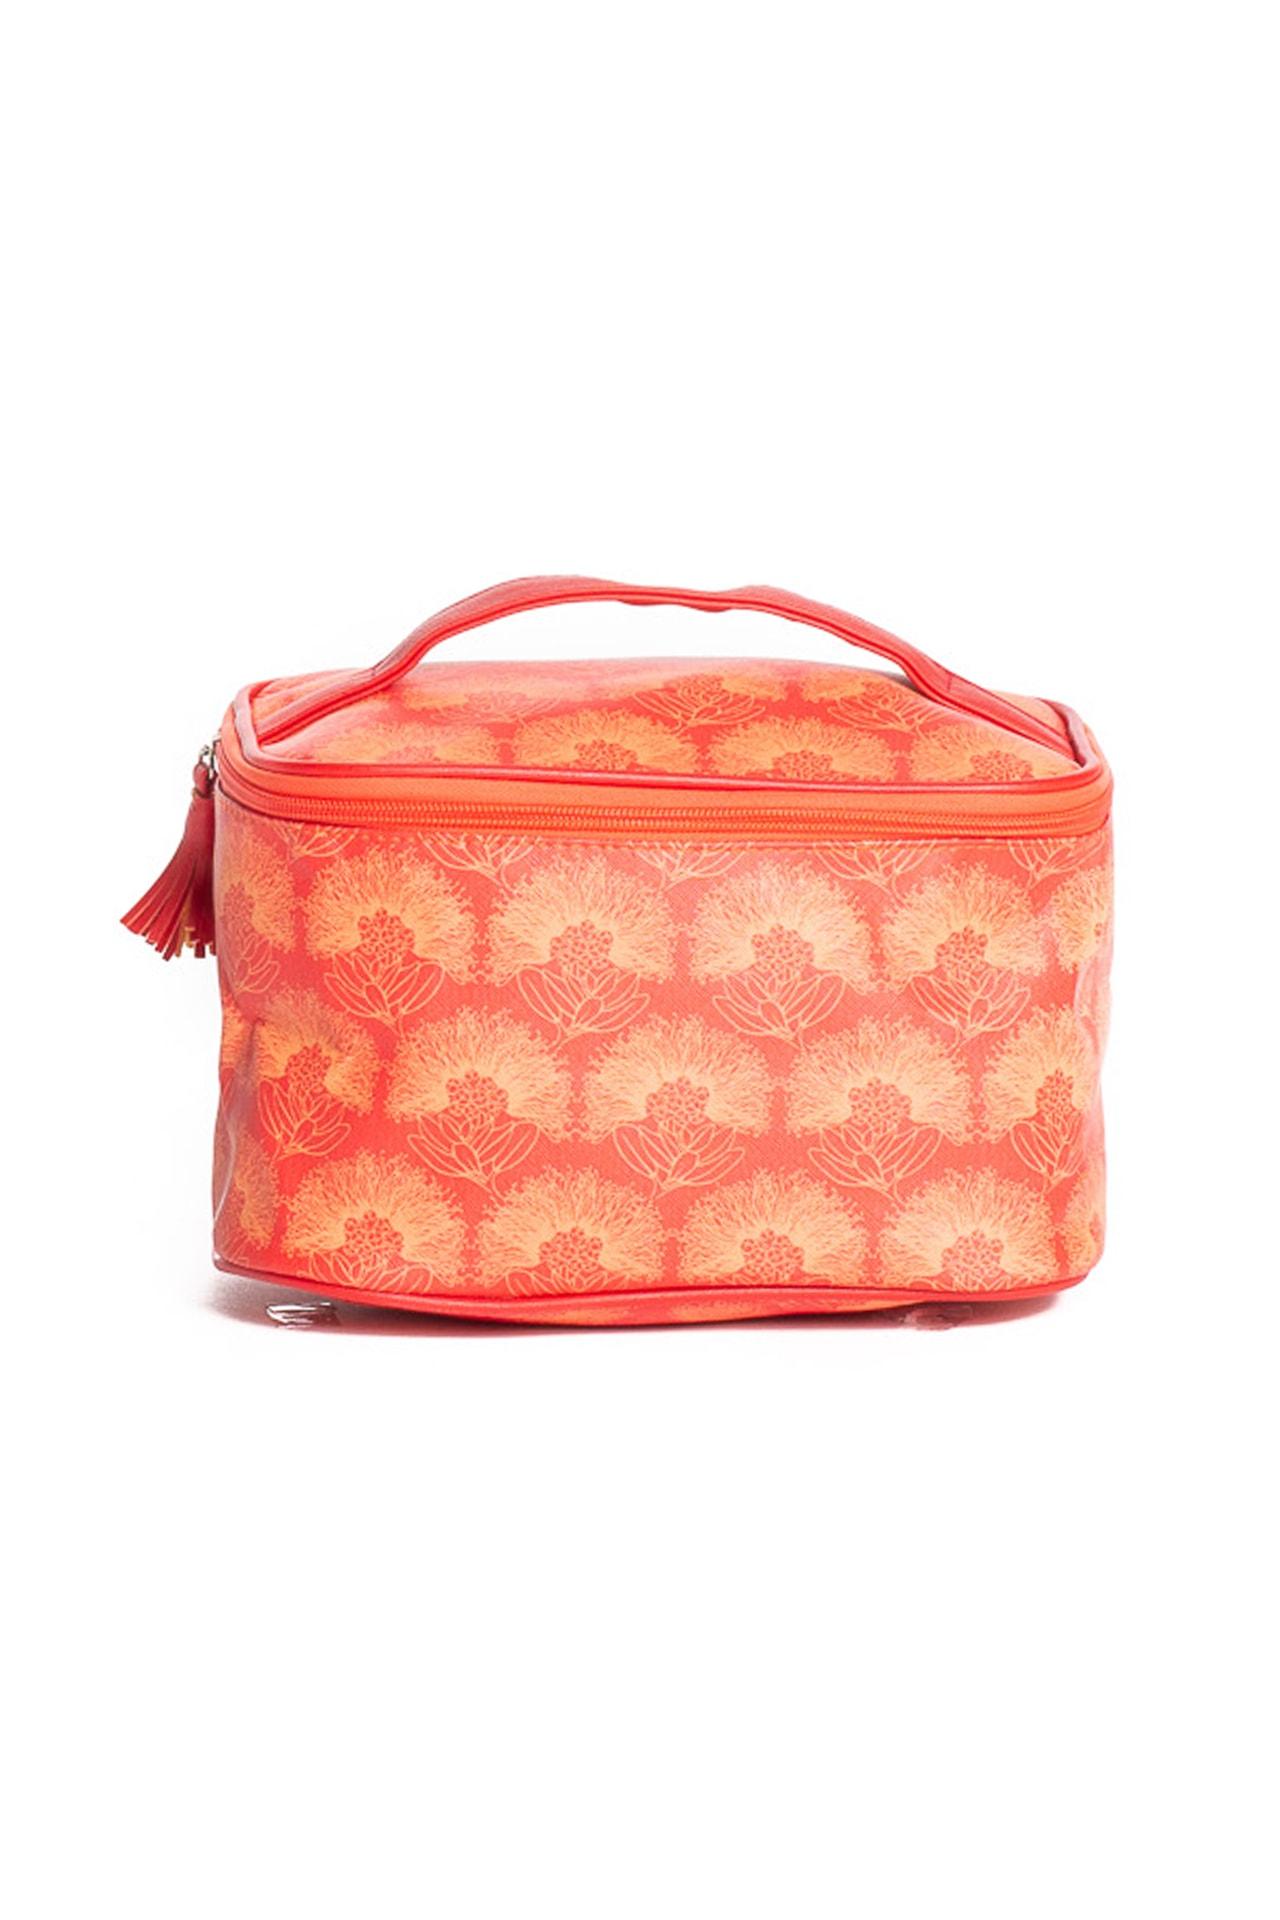 Hoonani Muah Bag in Red